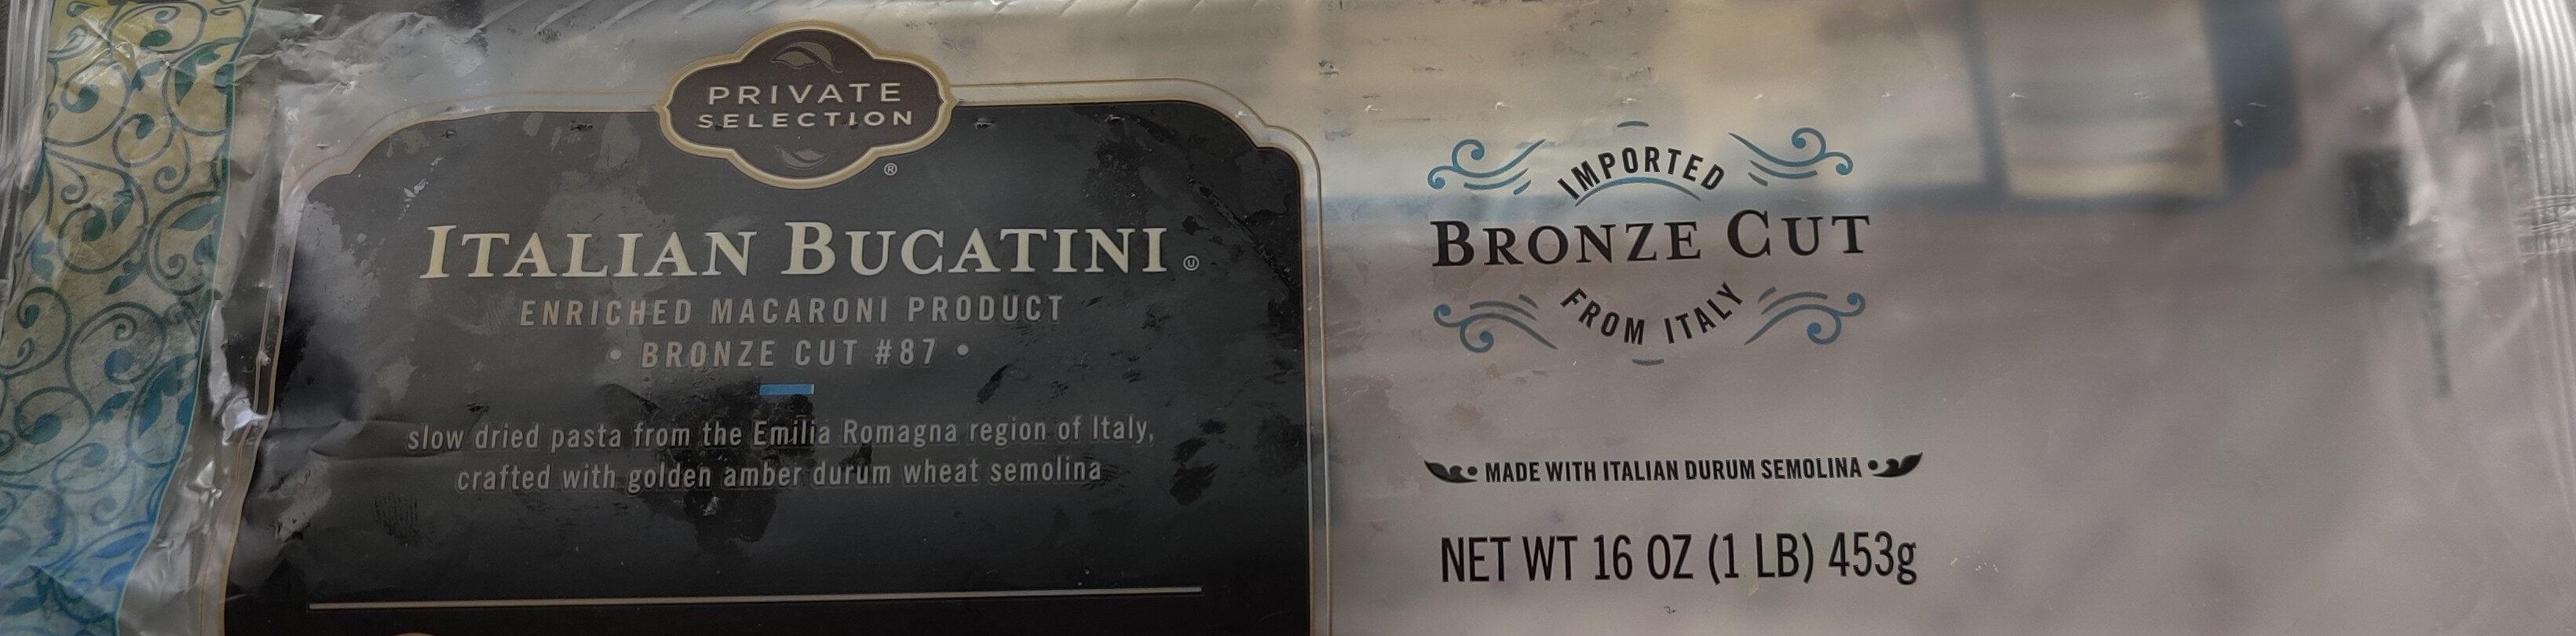 Italian Bucatini (pasta) - Product - en